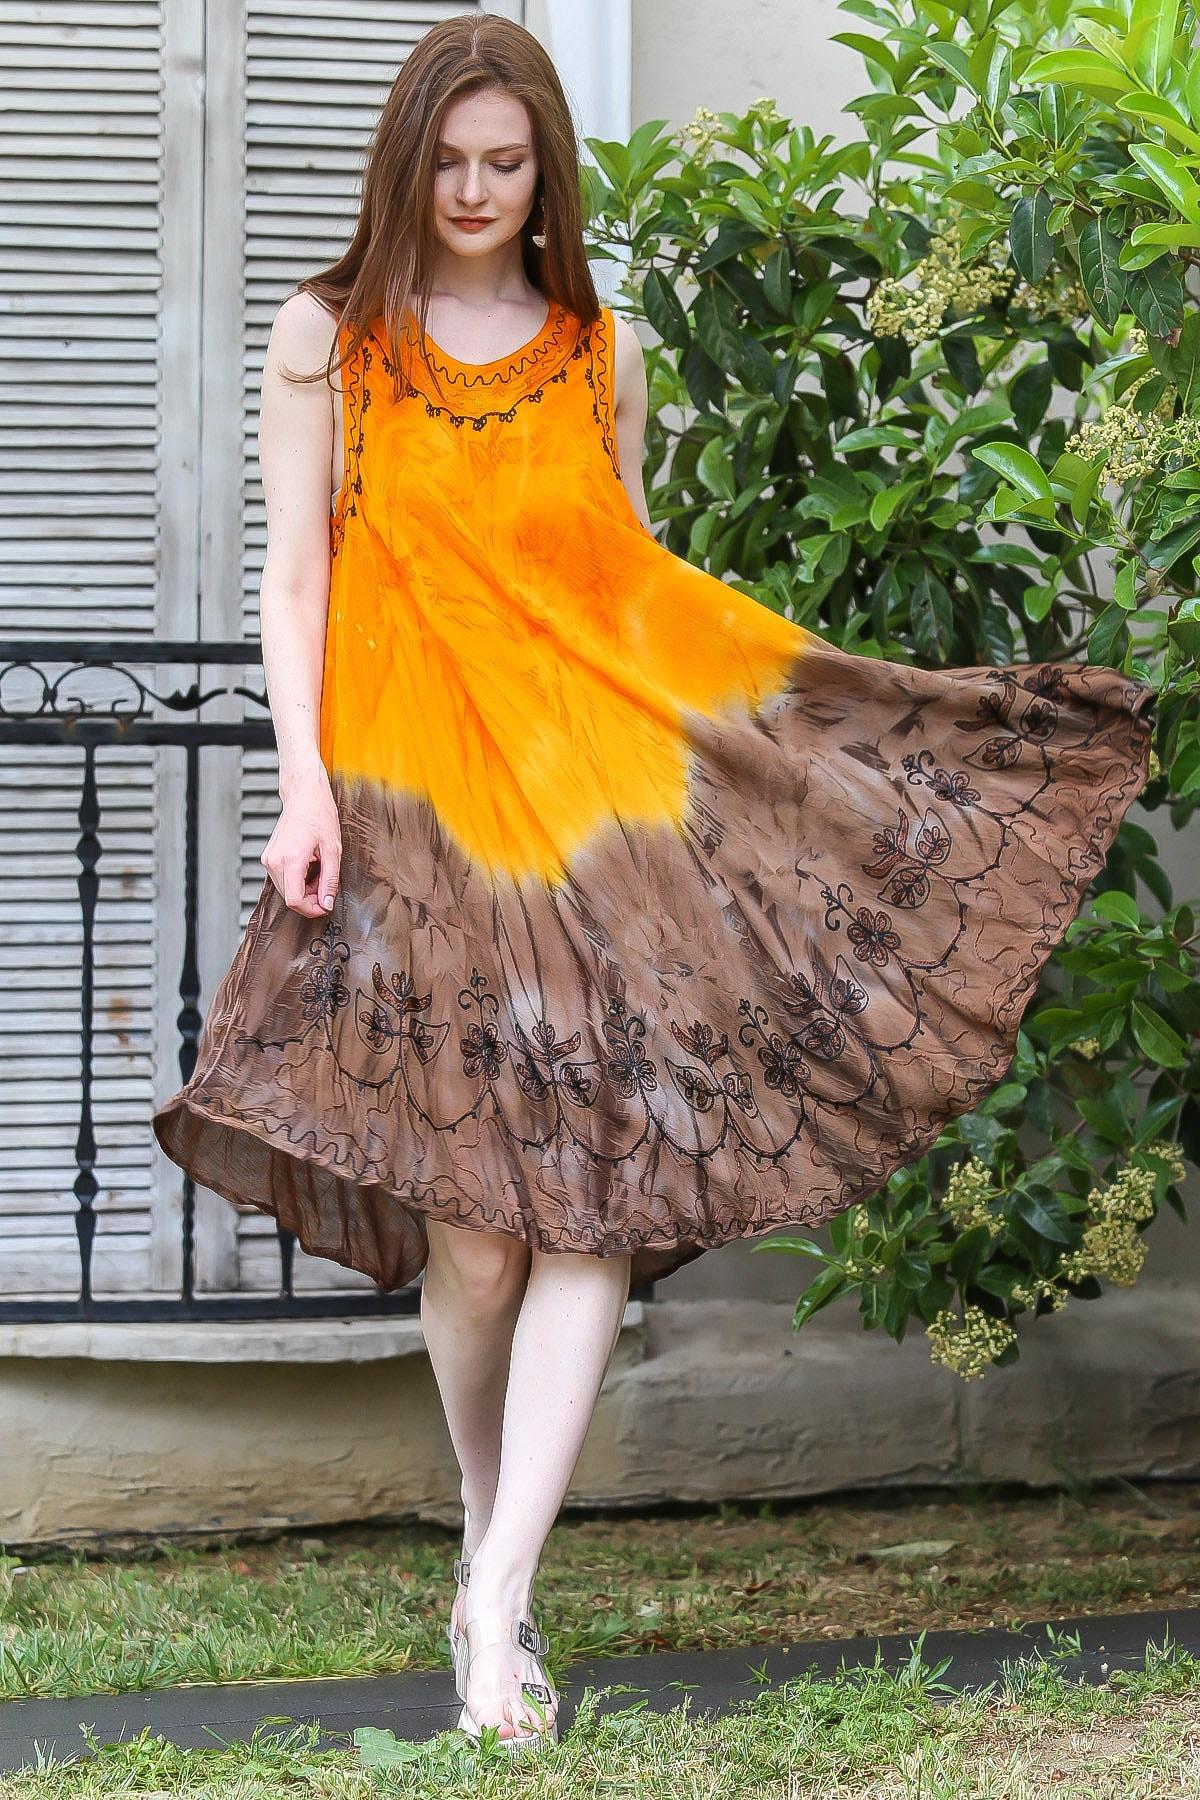 Chiccy Kadın Turuncu-Kahve İki Renk Bloklu Batik Elbise M10160000EL94833